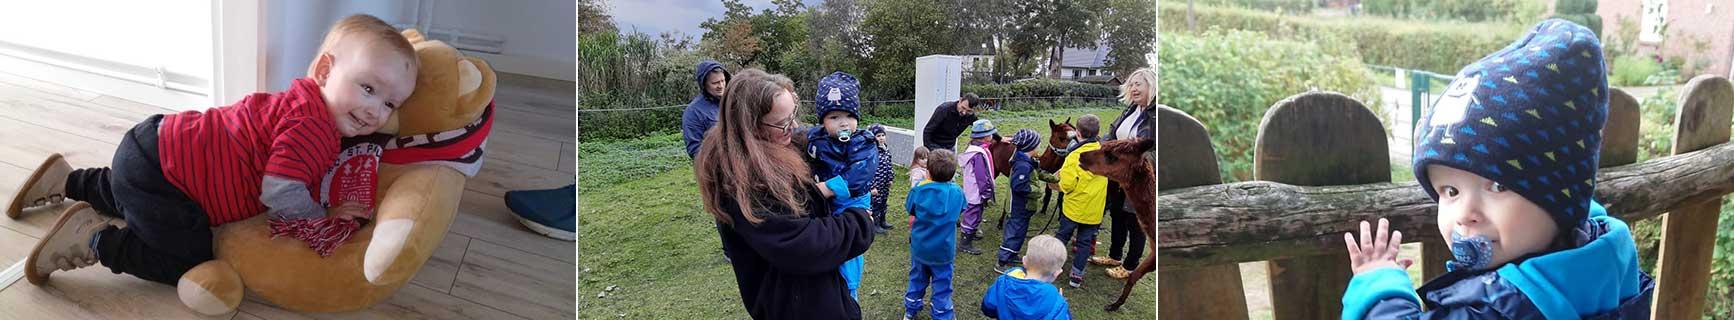 Banner Hörer helfen Kindern Spendenmarathon Mobile Musiktherapie für Florian